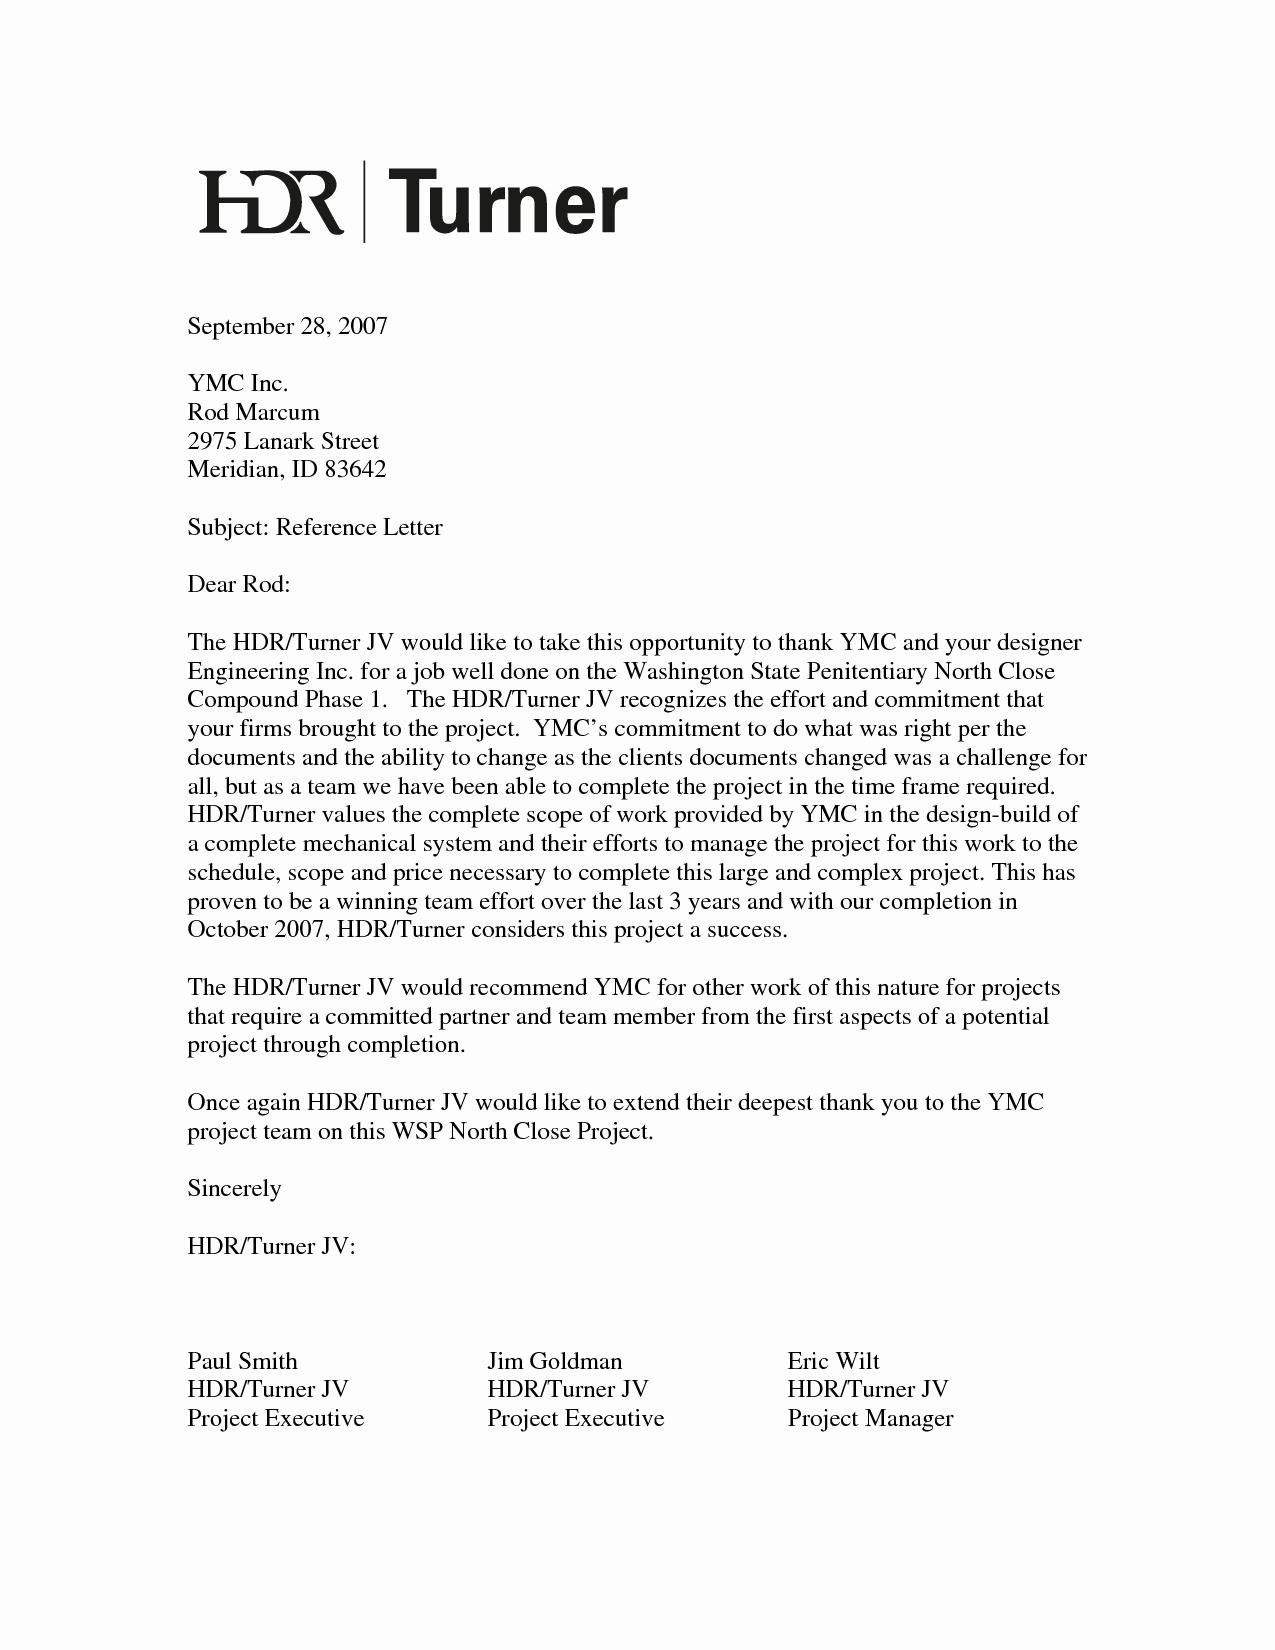 Recommendation Letter for Job Sample New Best S Of Job Reference Sample Re Mendation Letter